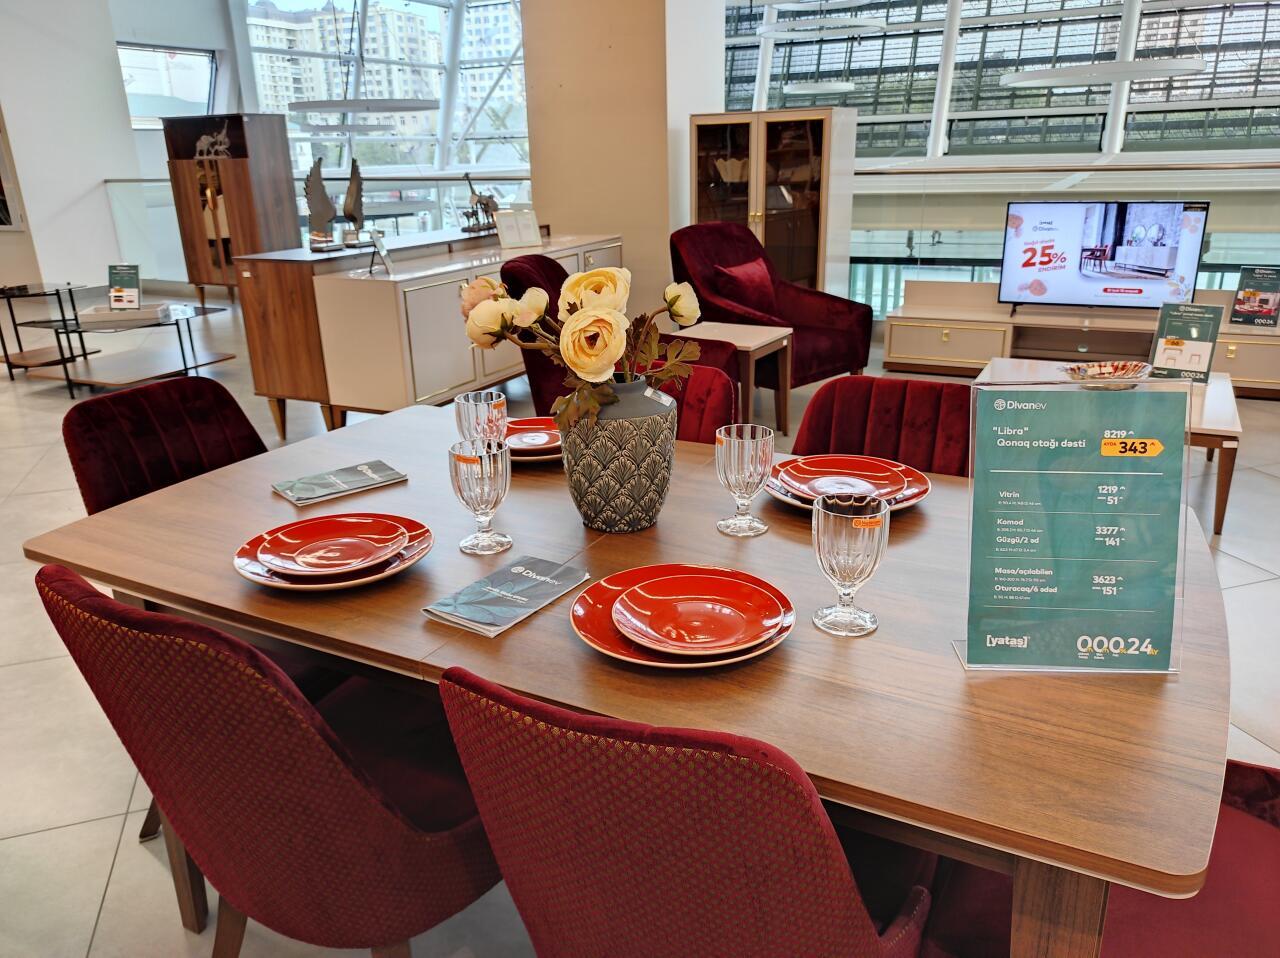 Мебель, посуда и текстиль - все для вашего дома теперь в магазинах Baku Electronics